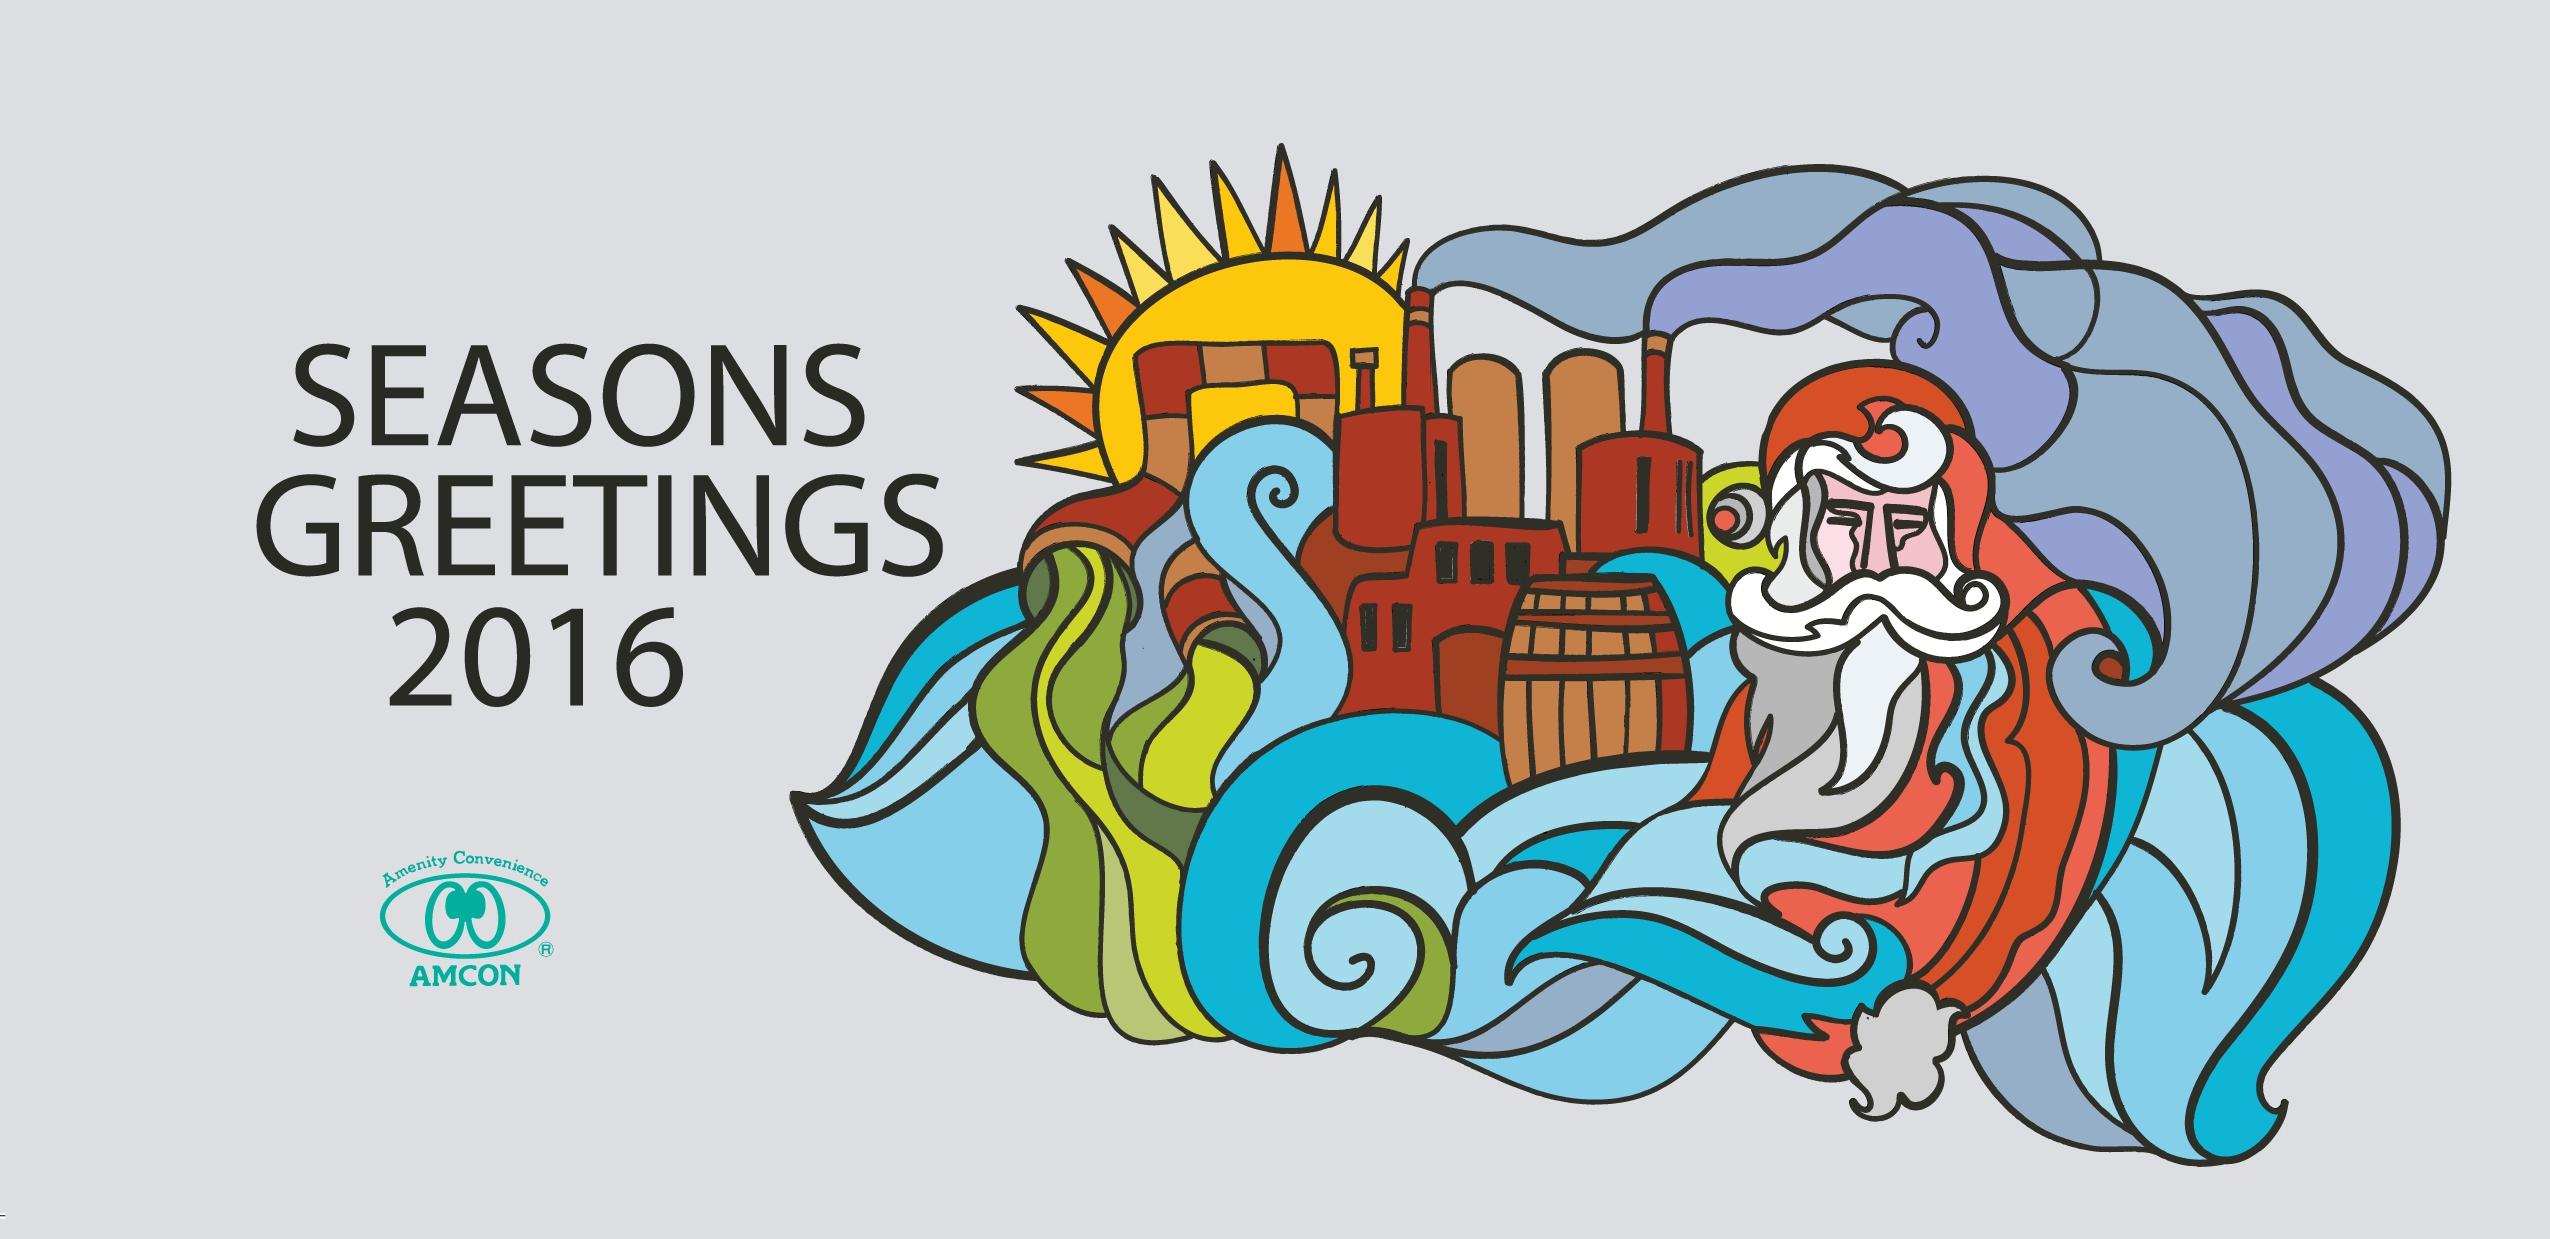 Seasons greetings 2016 | Amcon CZ